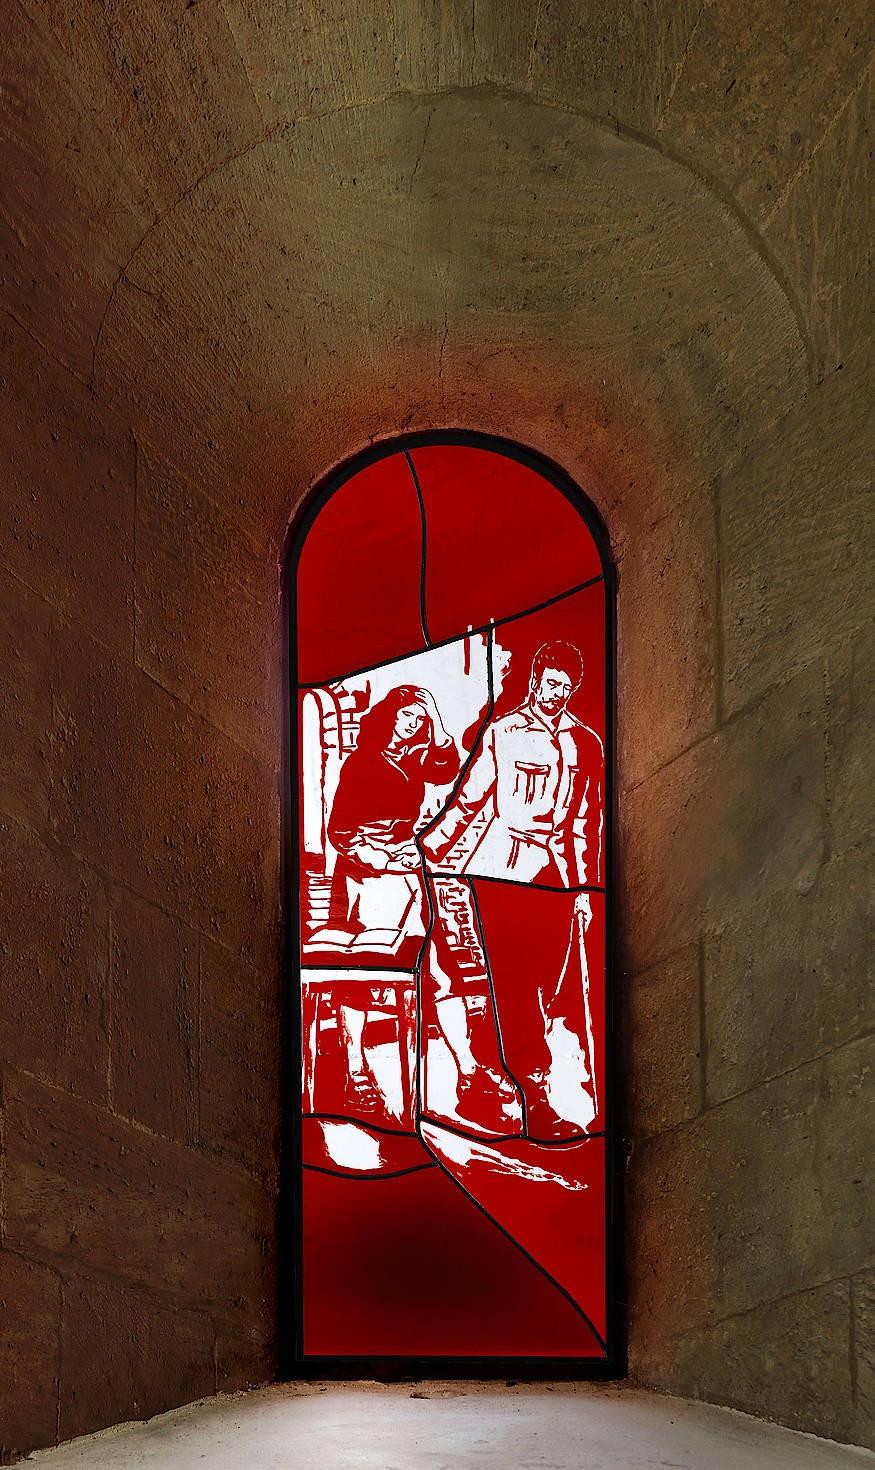 Neoleuchtreklame? Auf Neo Rauchs drei Kirchenfenstern für den Naumburger Dom trägt in der Darstellung des Abschieds der Heiligen Elisabeth von Thüringen von ihrem Gatten dieser einen Blindenstock.